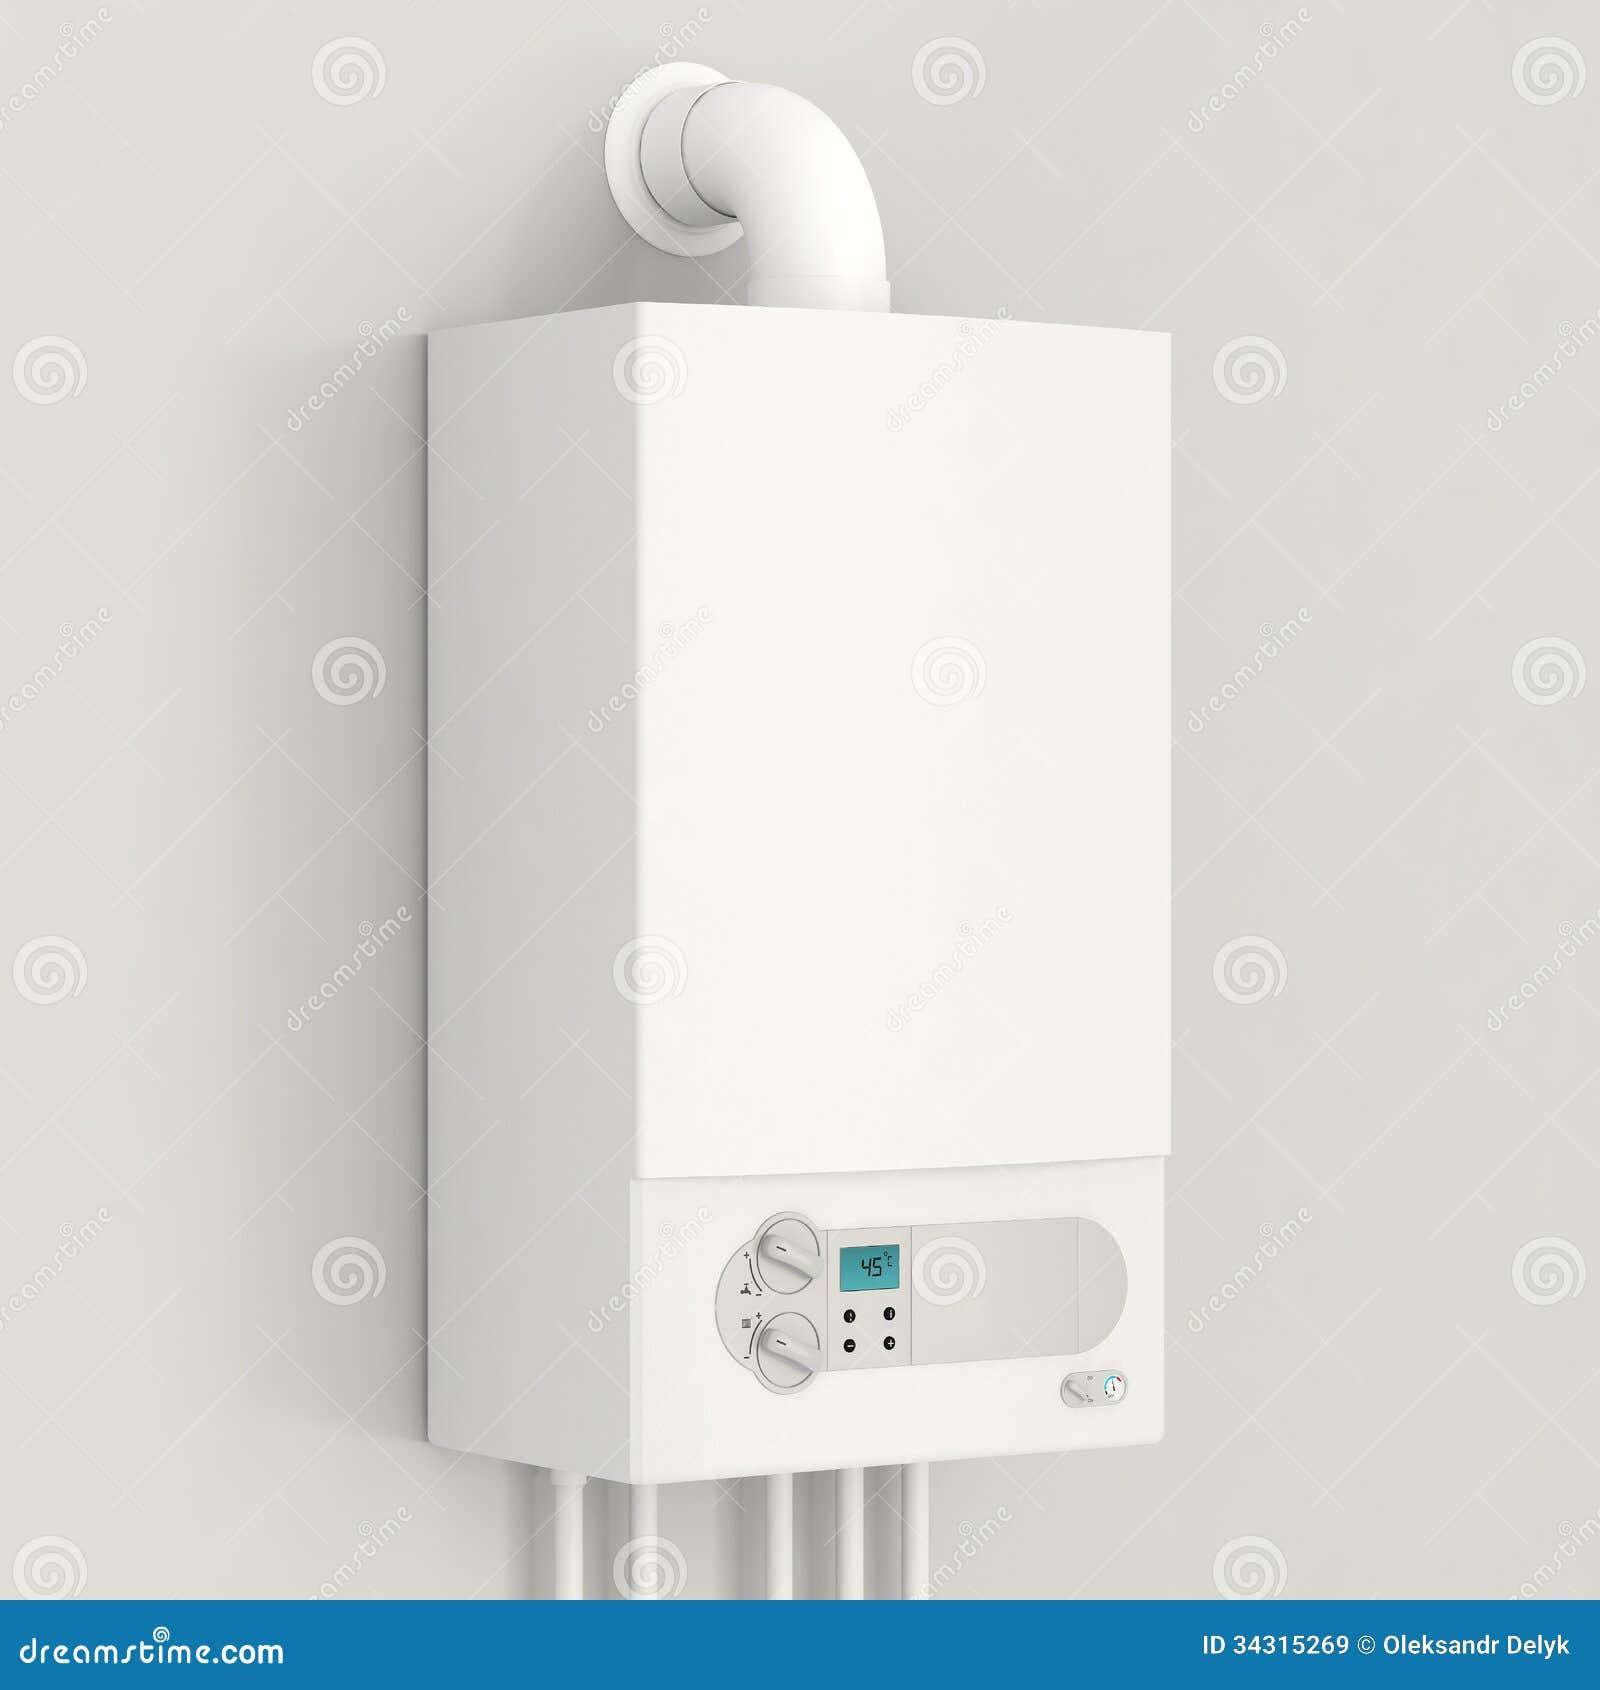 Dorable Boiler A Gas Gift - Electrical Diagram Ideas - itseo.info